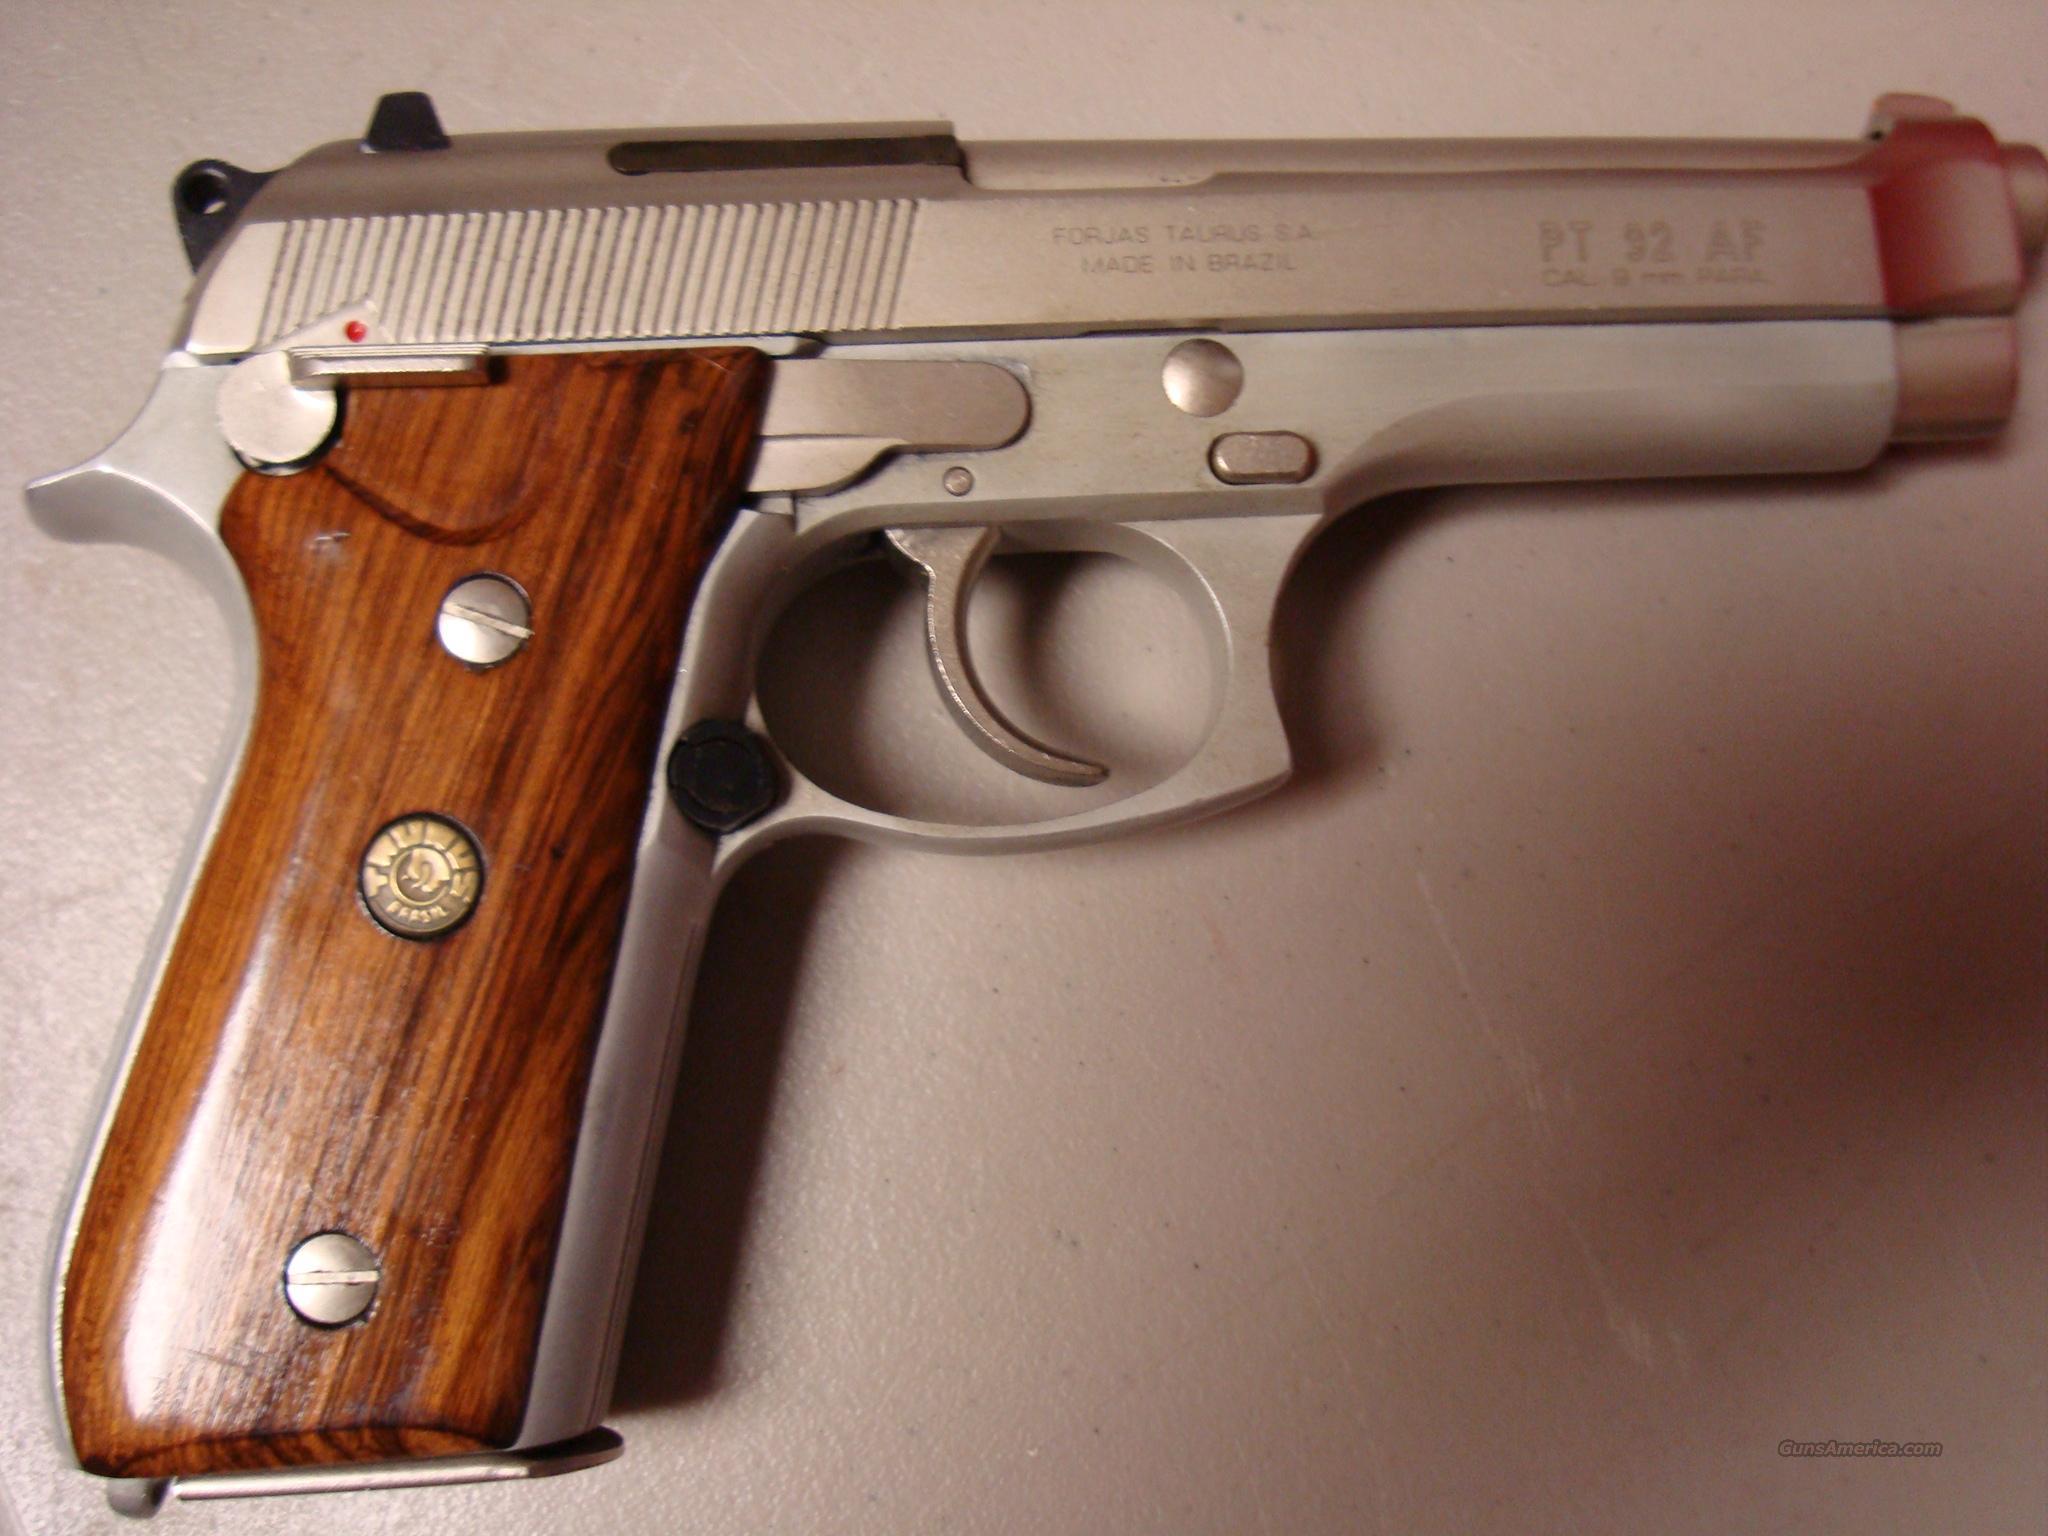 Taurus Pt 92 Af Shoulder Holster Exploded View Of The Pt92 Also Sig 1911 Diagram 9mm Pistol Guns Pistols Revolvers